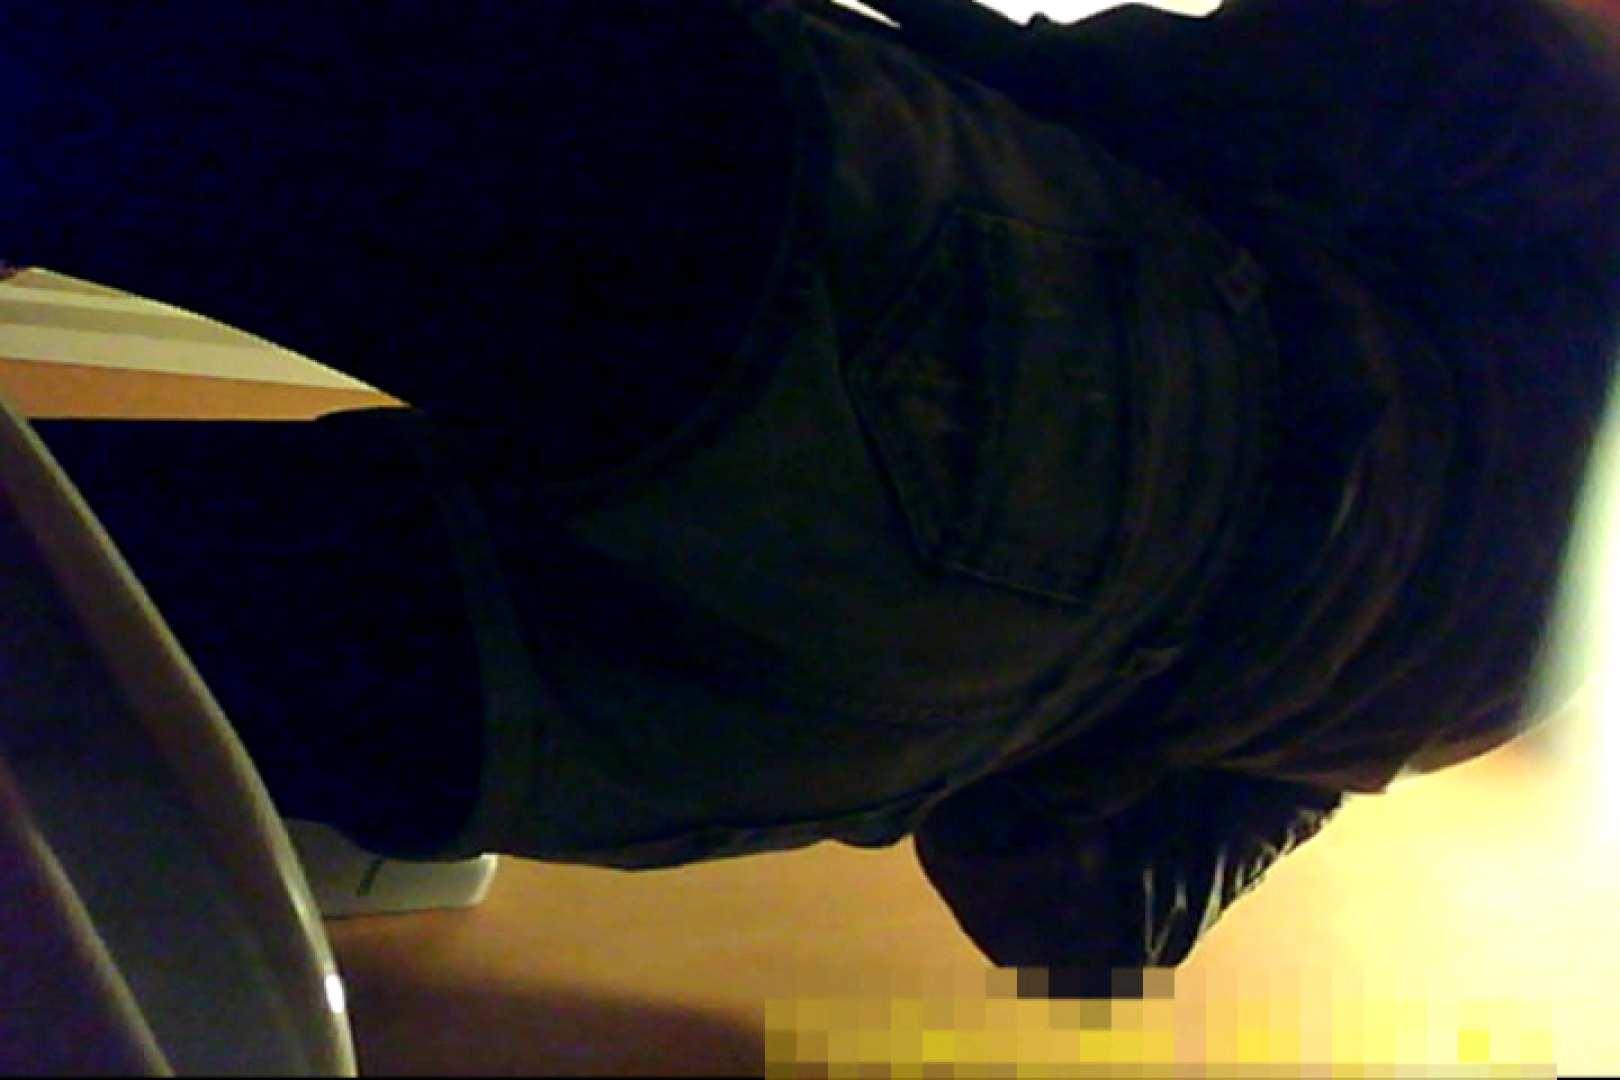 魅惑の化粧室~禁断のプライベート空間~31 プライベート | 洗面所  101枚 13